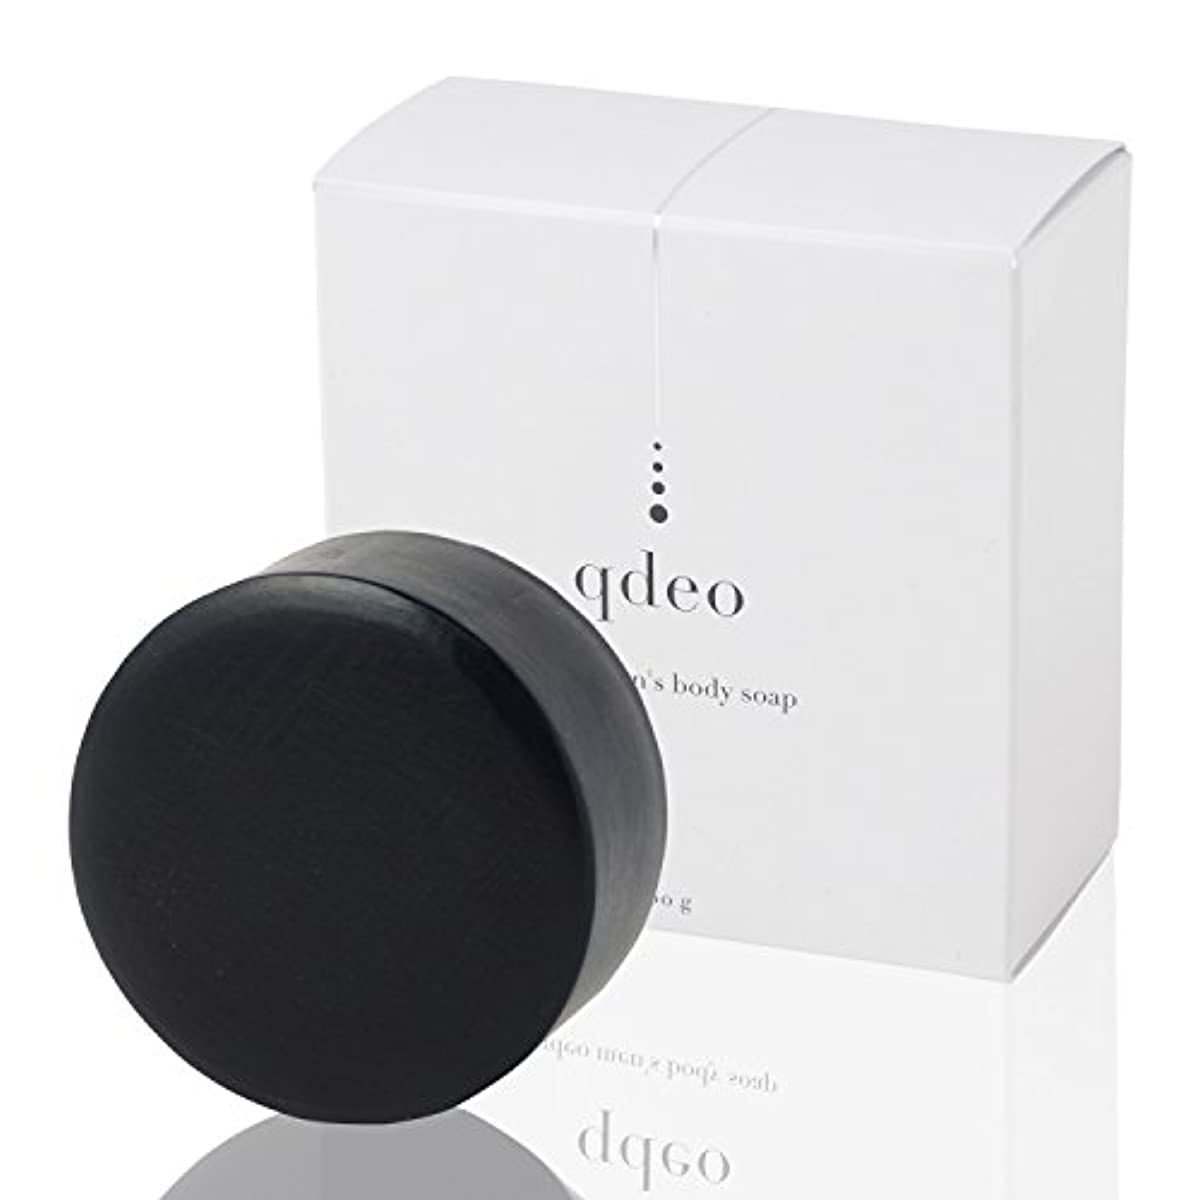 適応するウェイトレス以下クデオ メンズ ボディソープ 100g 石鹸 固形 体臭 ワキガ 足の臭い 加齢臭 デリケートゾーン